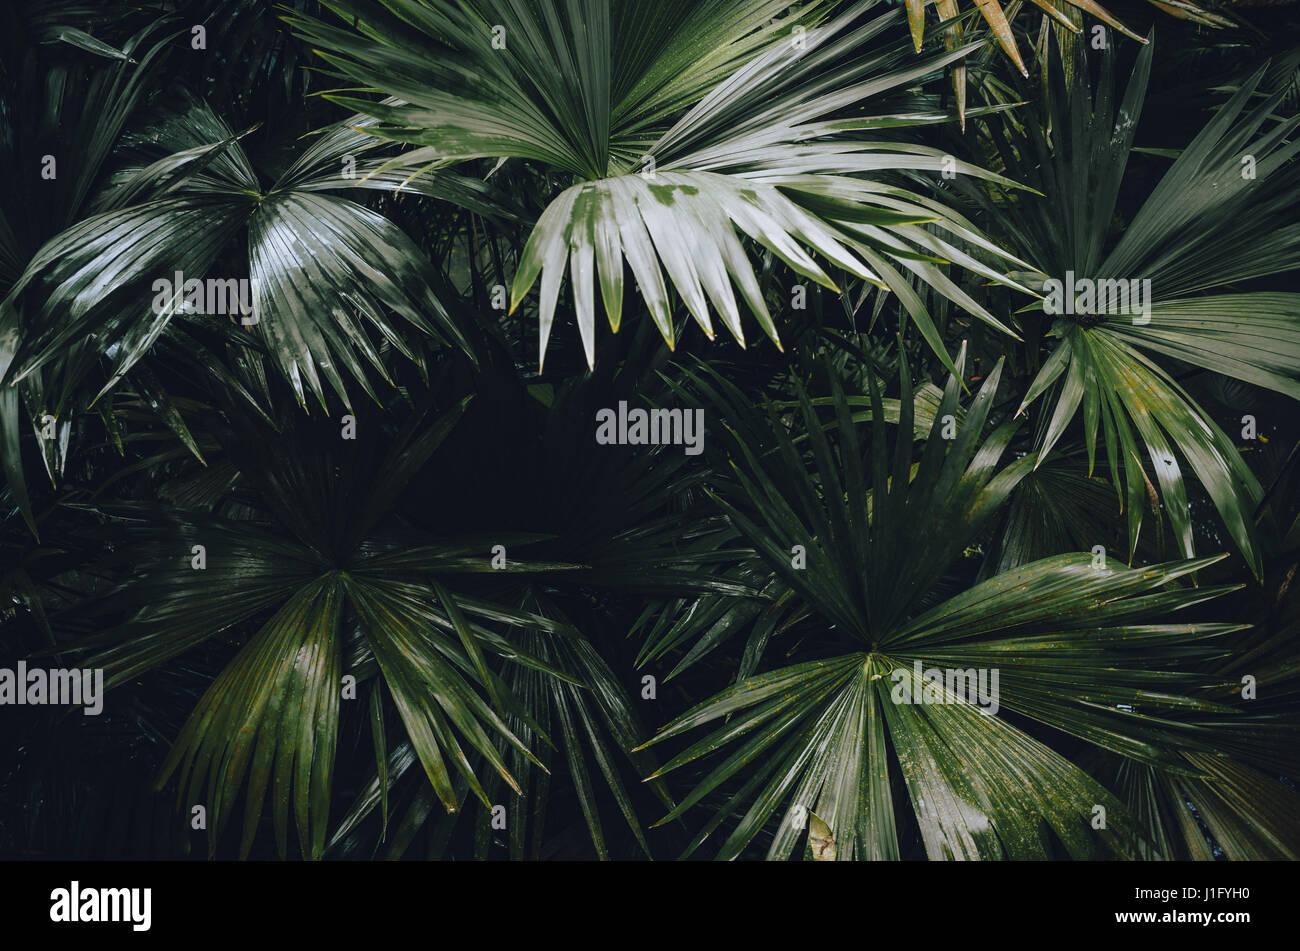 Les plantes dans la forêt amazonienne près de Belém, Pará, Brésil Photo Stock